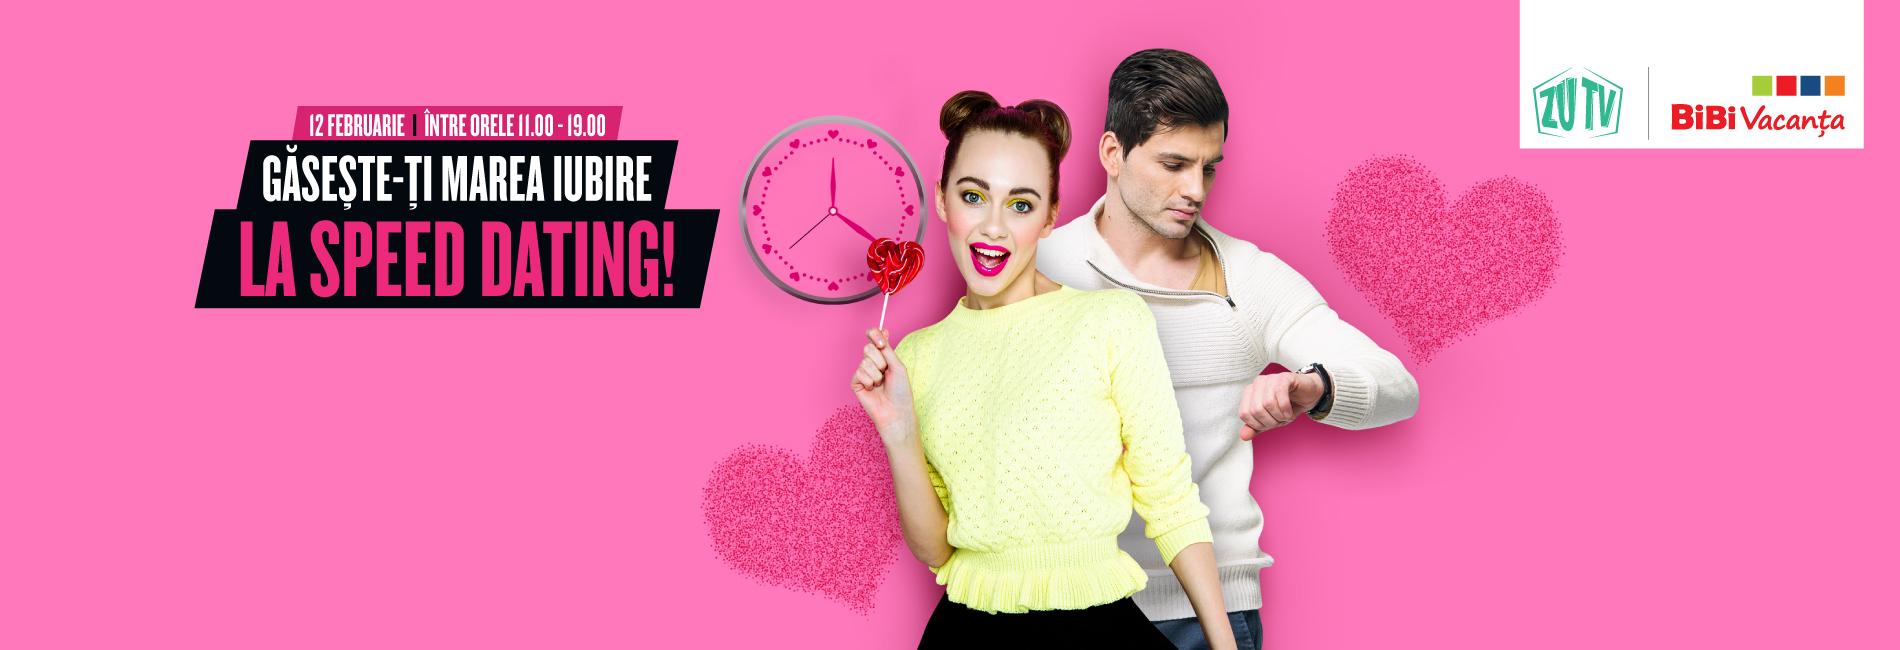 Salveaza iubirea online dating